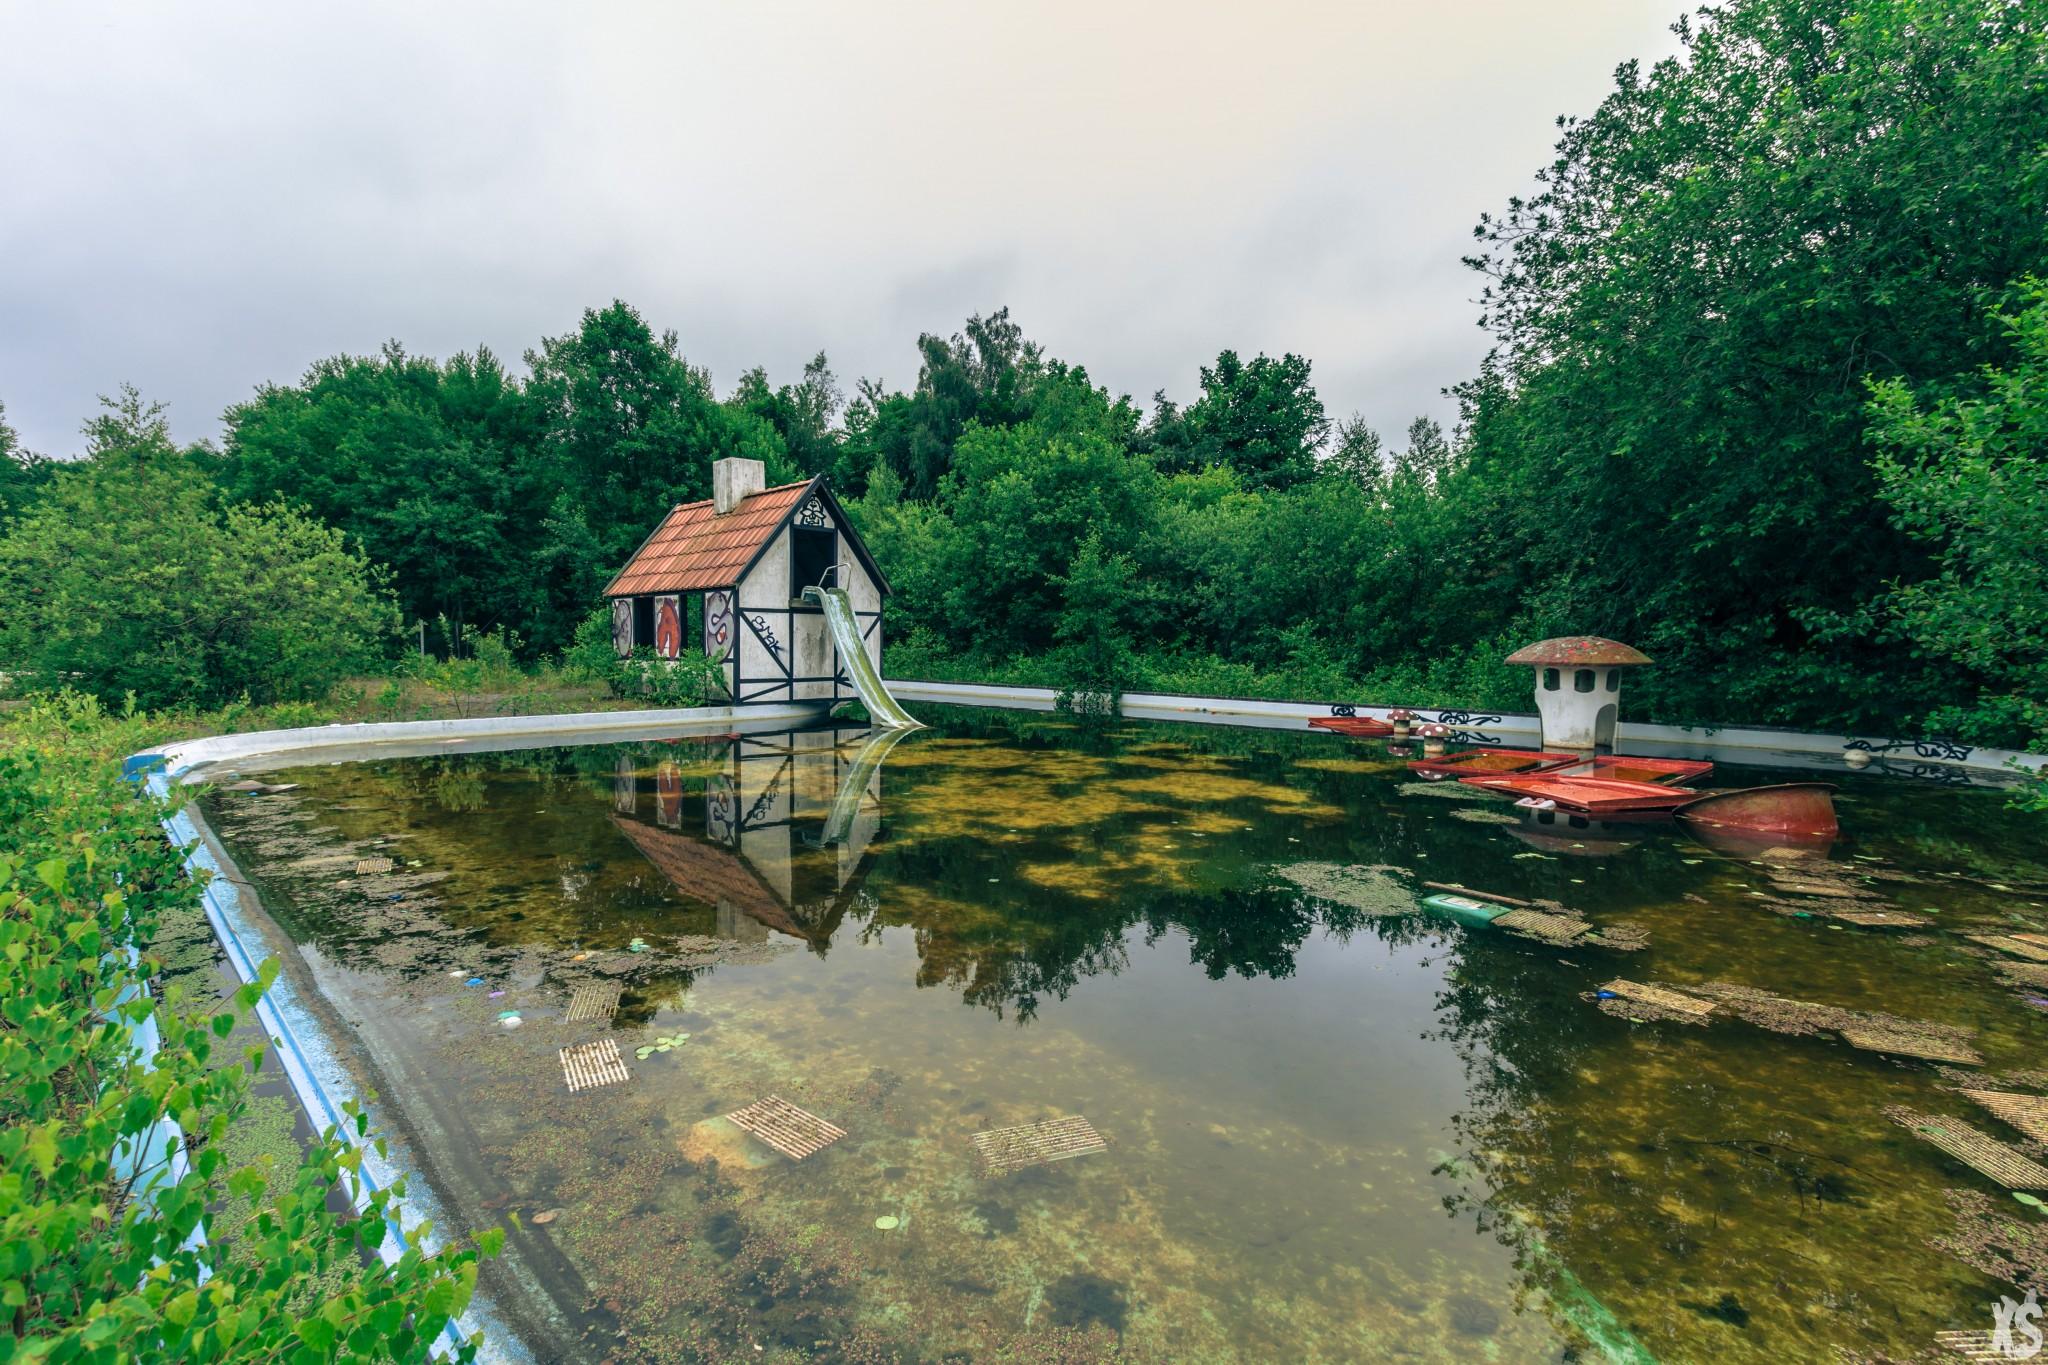 parc-aquatique-wayne-lo-35